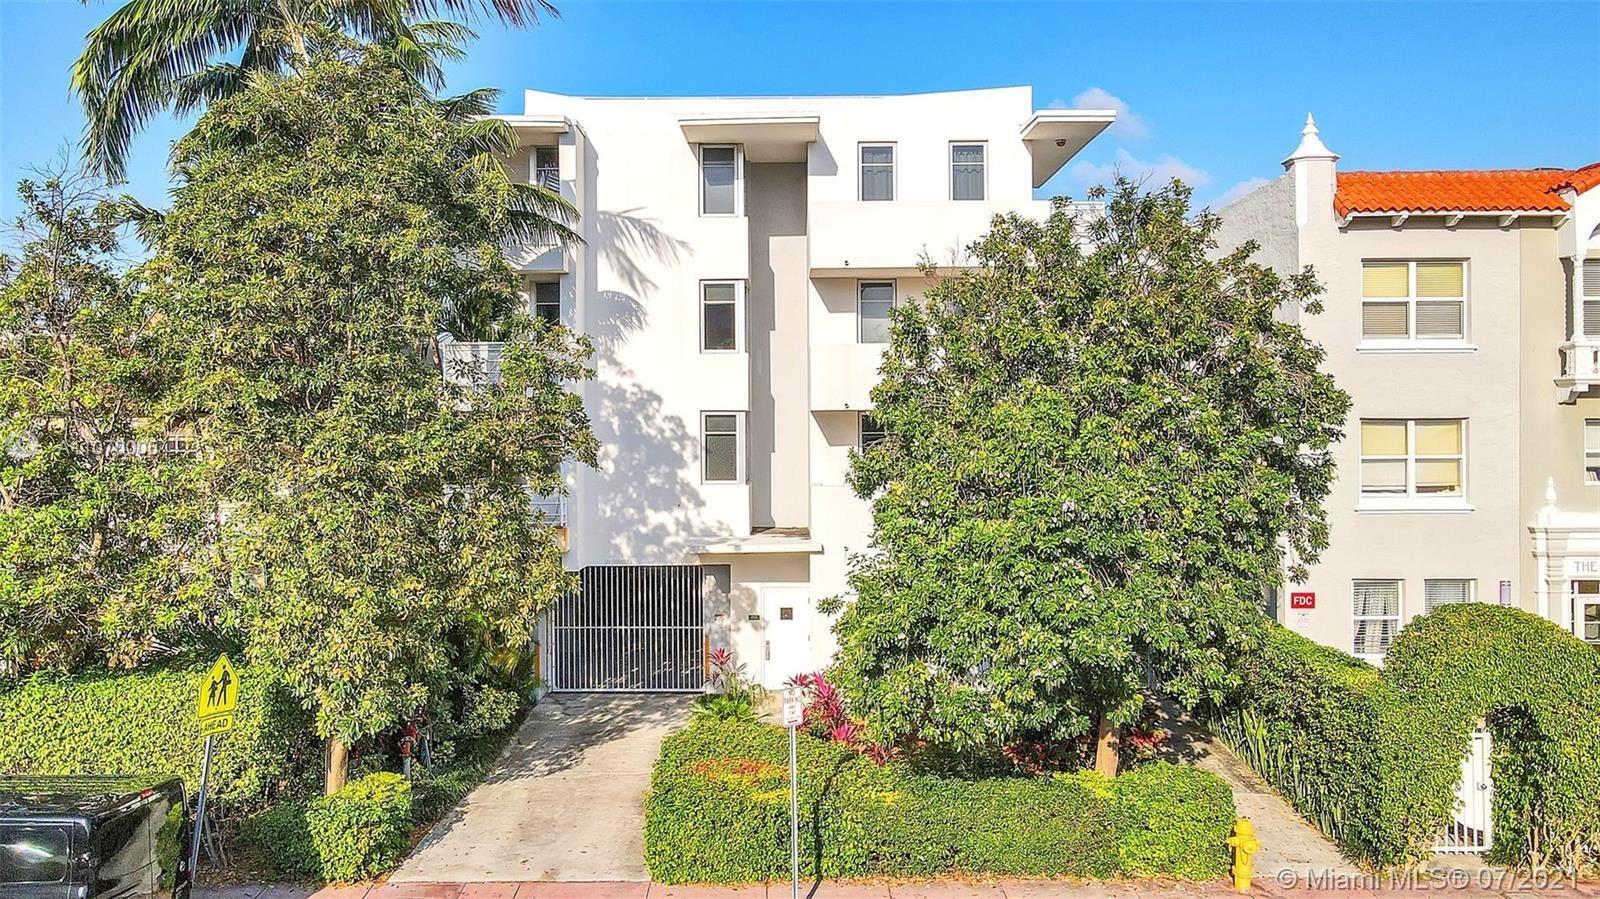 1532 drexel #401, Miami Beach, FL 33139 - #: A11070005